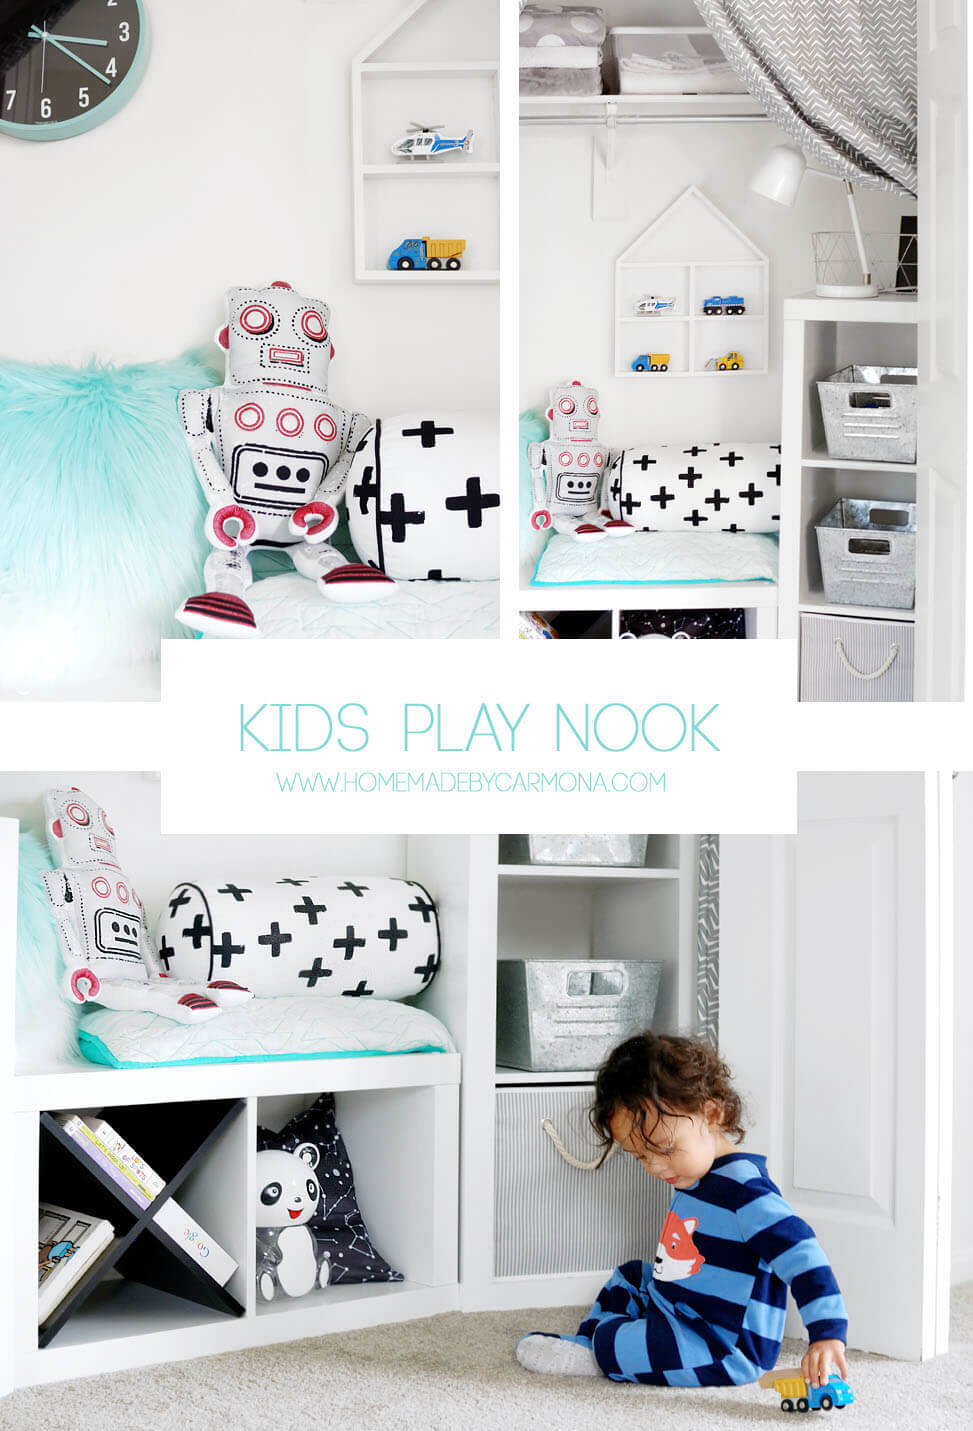 DIY Kid's Play Nook